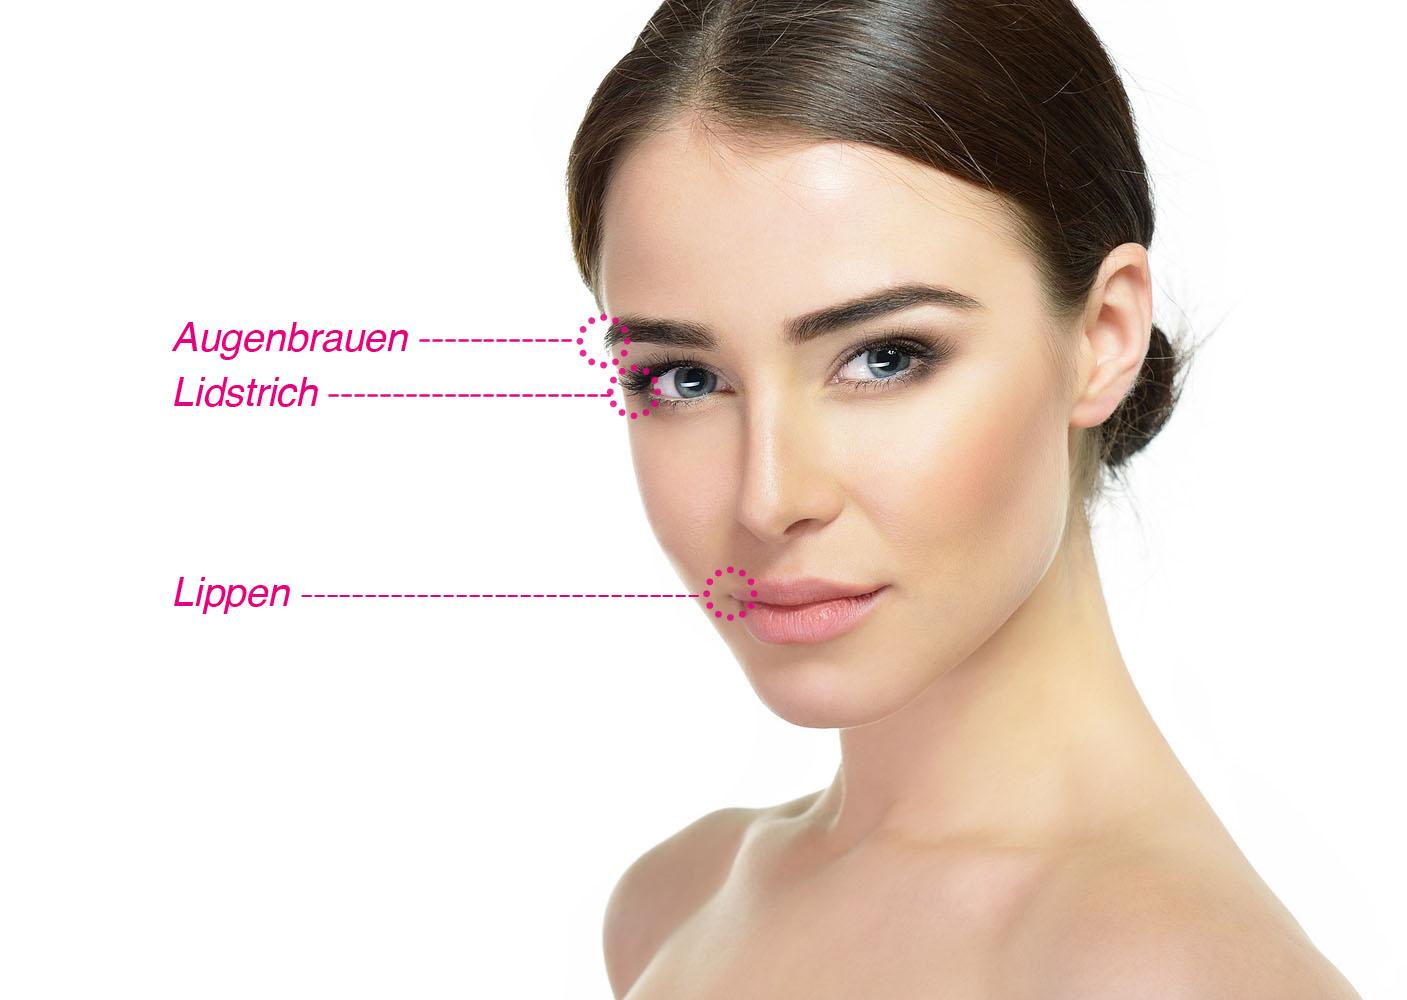 Ausbildung Permanent Make-up + Microblading - Rostock, Hamburg, Bremen, Lübeck - Kosmetikschule Schäfer